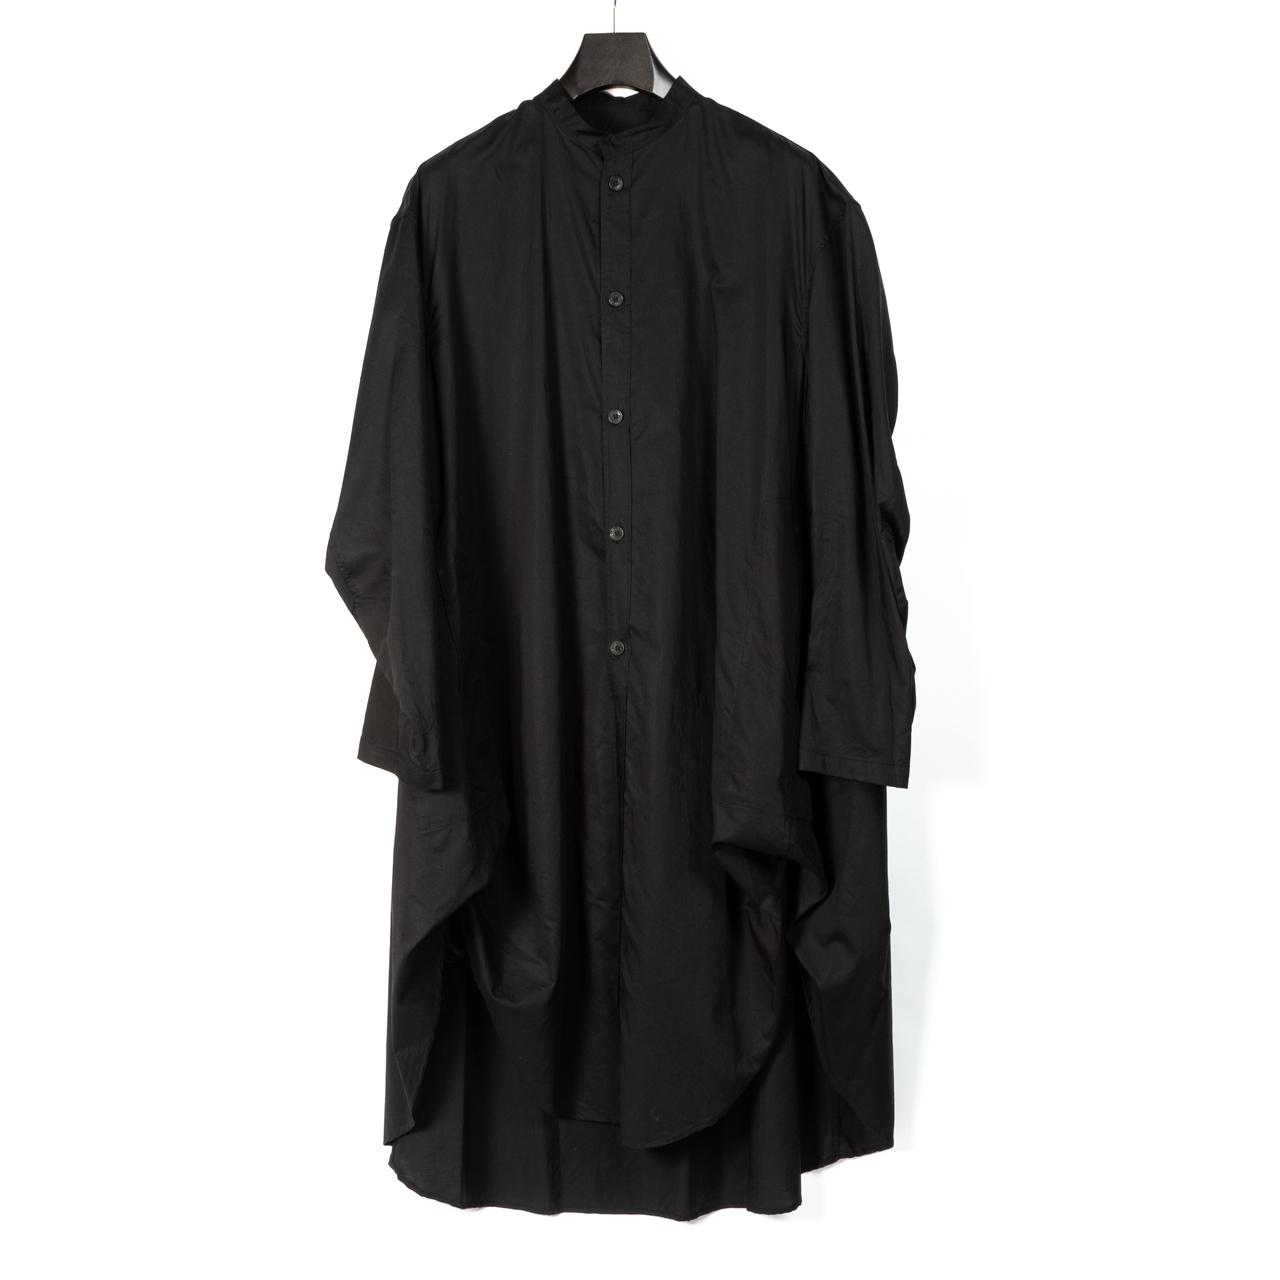 697SHM1-BLACK / オーバーシャツ